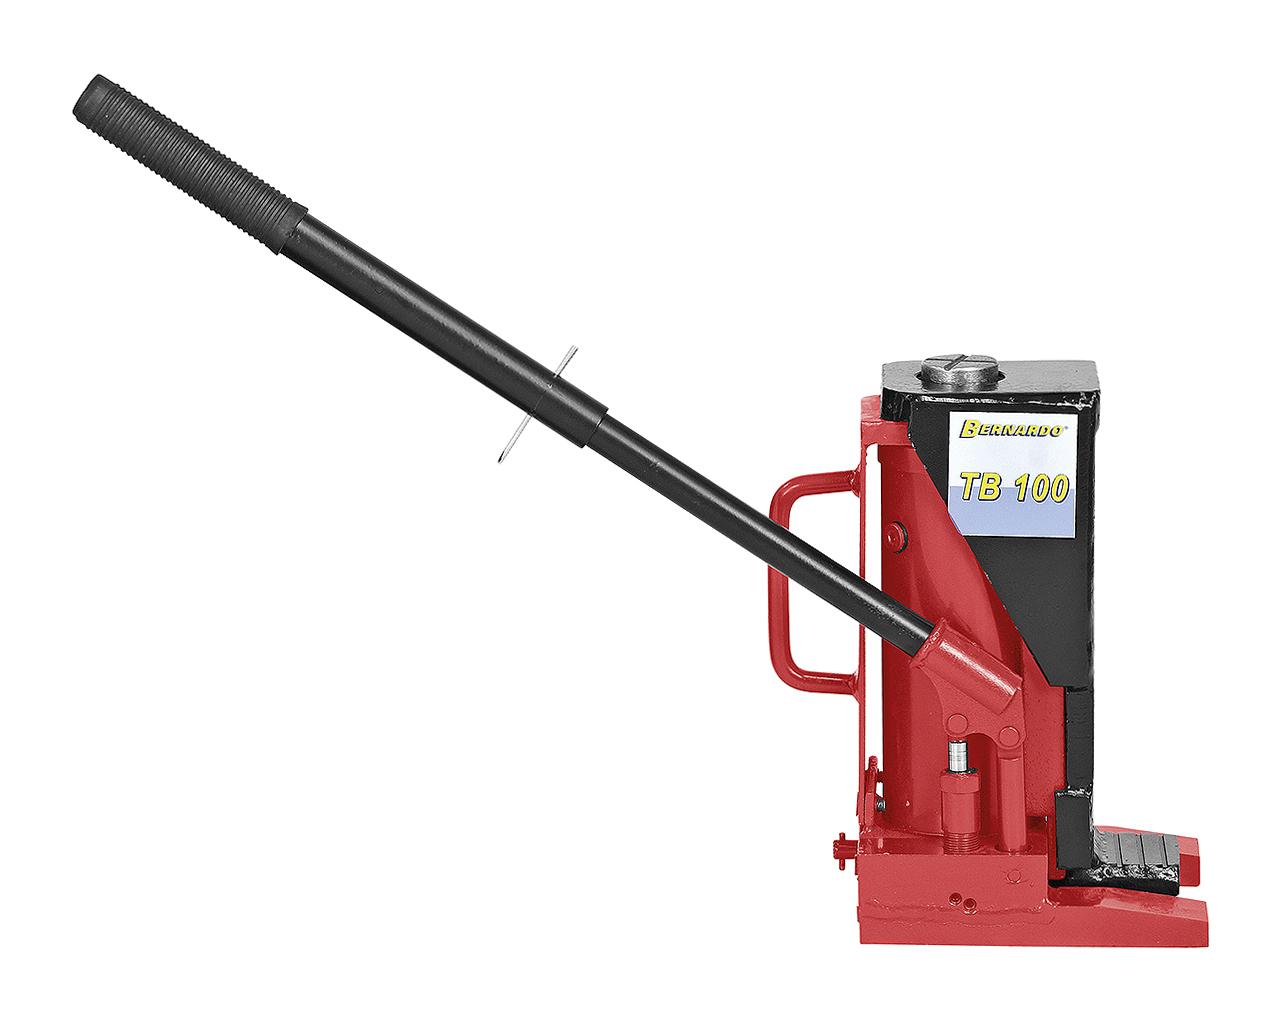 Podnośnik hydrauliczny do ciężkich materiałów, maszyn TB 100 BERNARDO